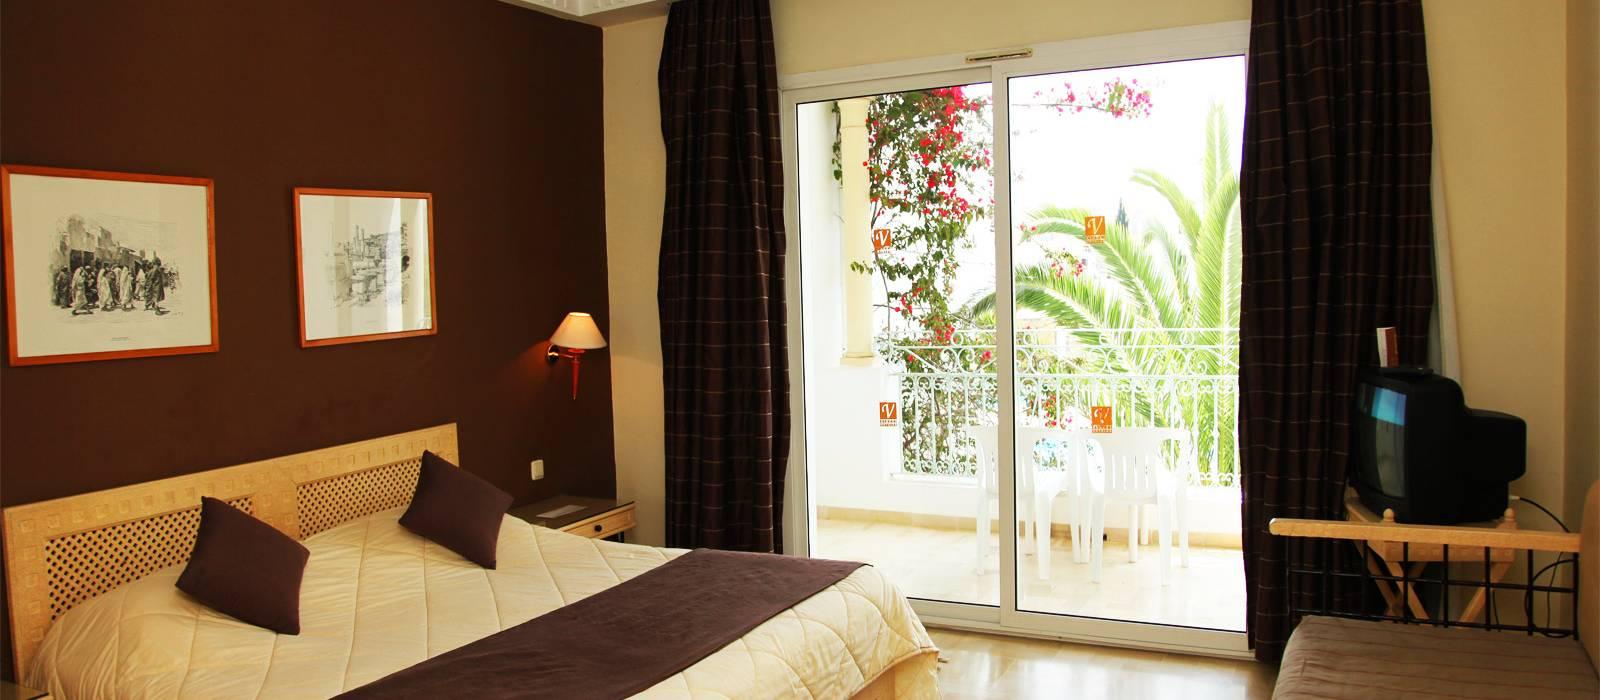 Dreibettzimmer. Übernachtung im Hotel Vincci Flora Park in Tunesien